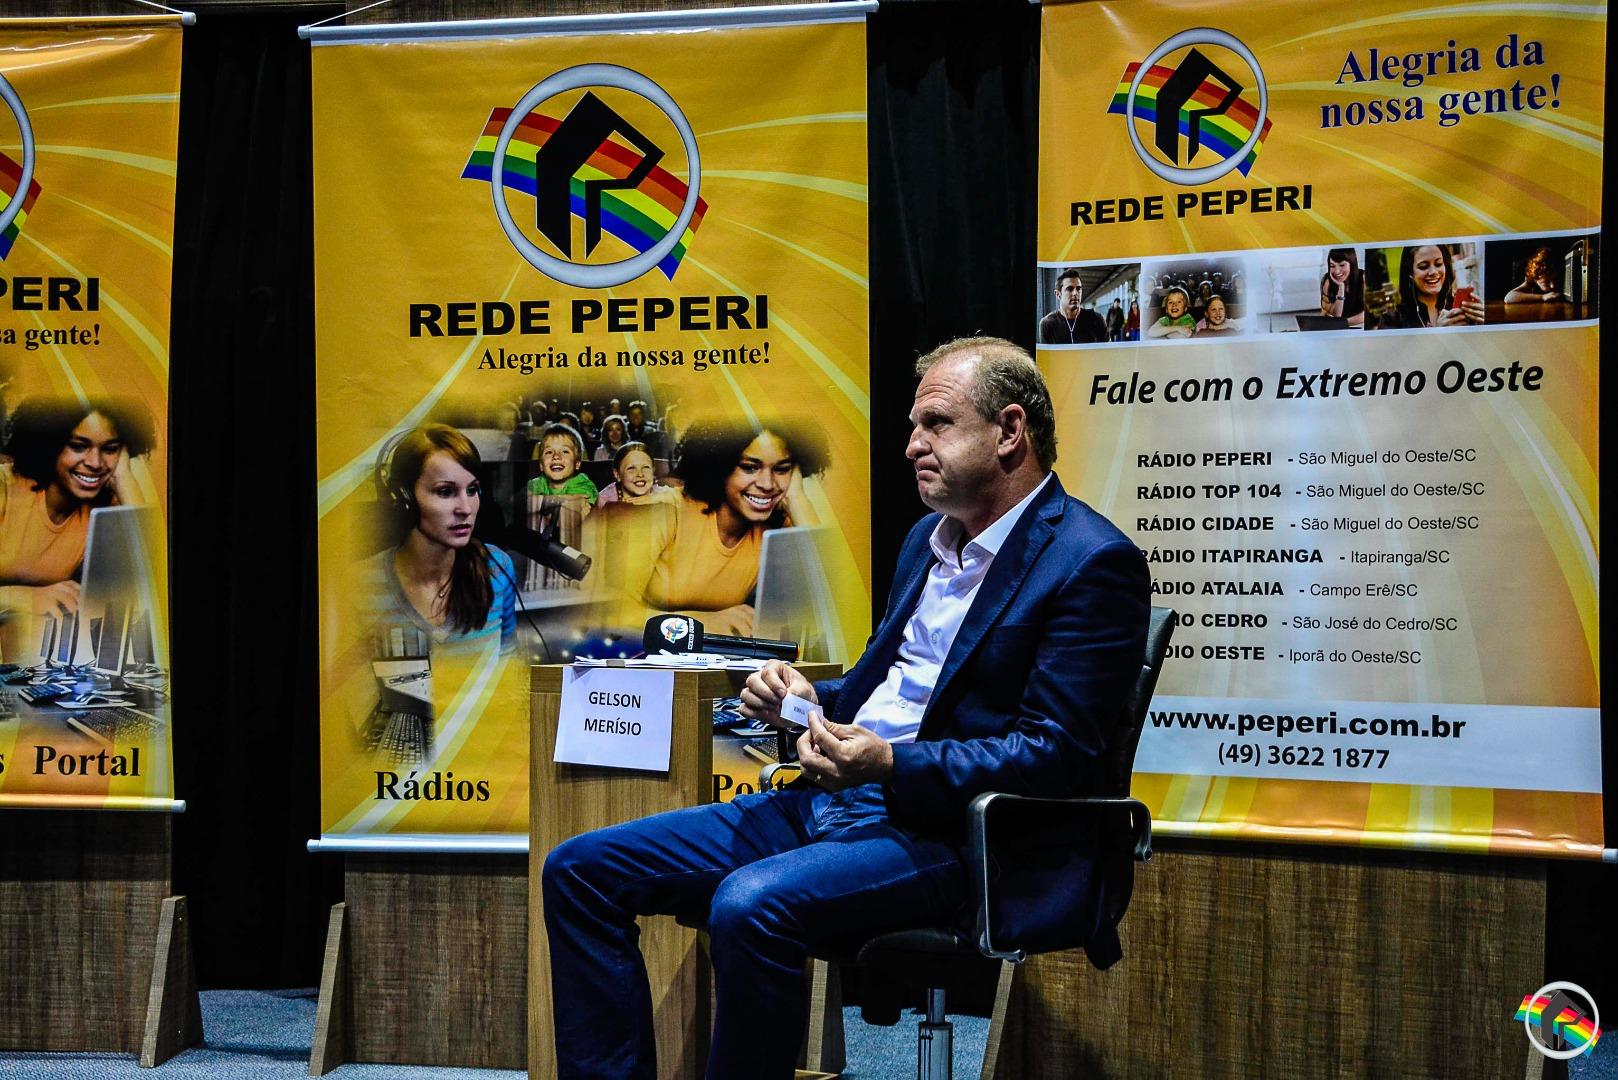 Peperi realiza primeiro debate ao governo do estado do segundo turno